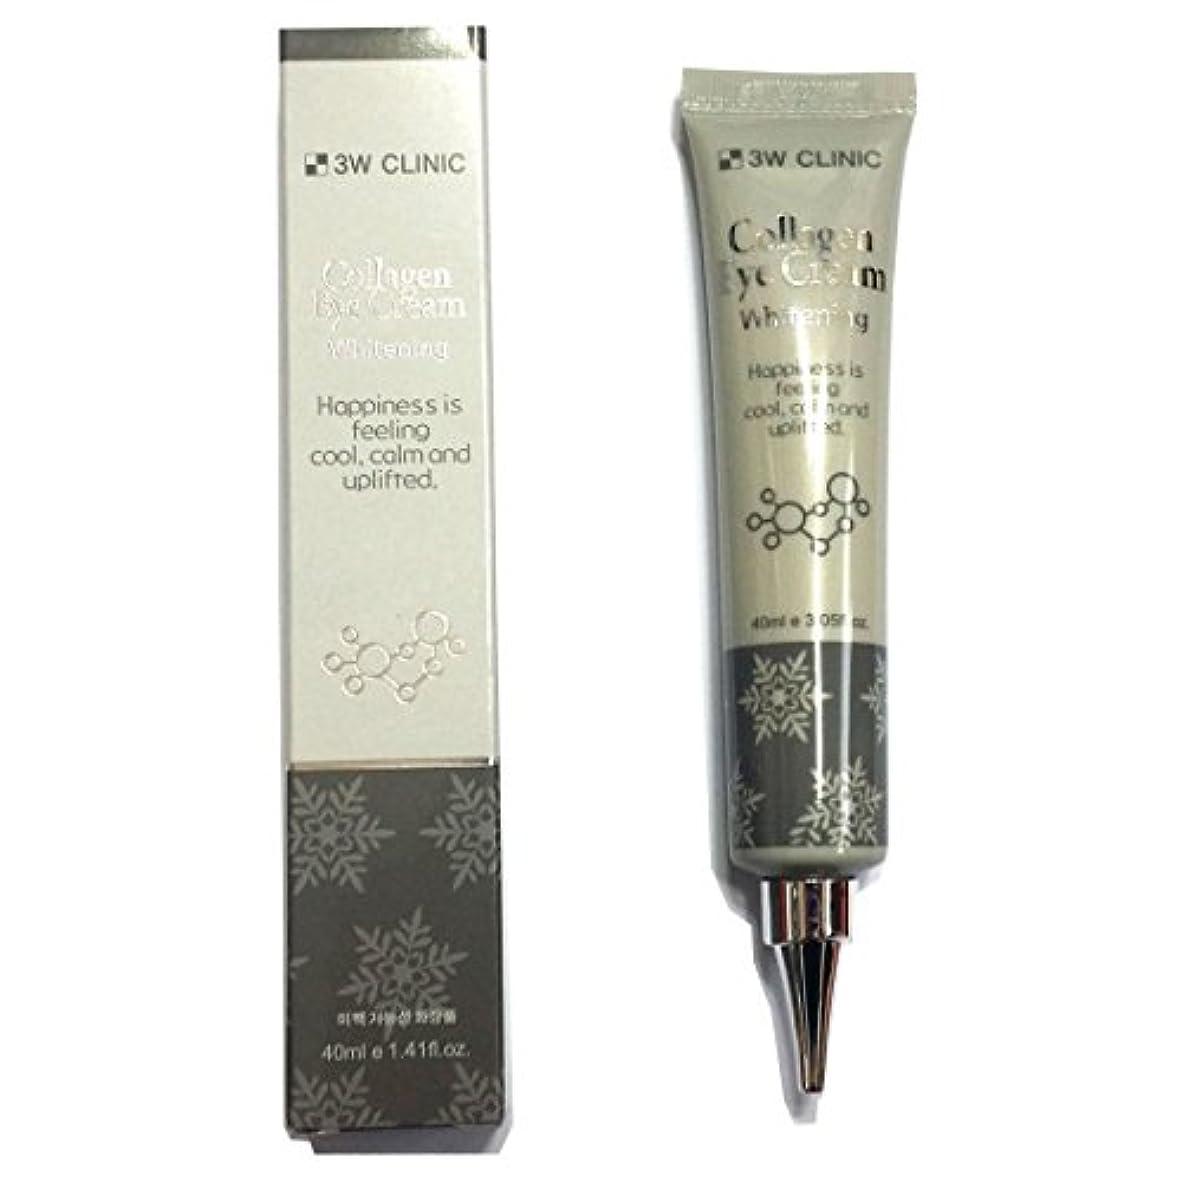 迅速意味のあるペン[3W CLINIC] コラーゲンアイクリームホワイトニング40ml X 4ea / Collagen Eye Cream Whitening 40ml X 4ea / しっとりしっとり/moist / 韓国化粧品/Korean...